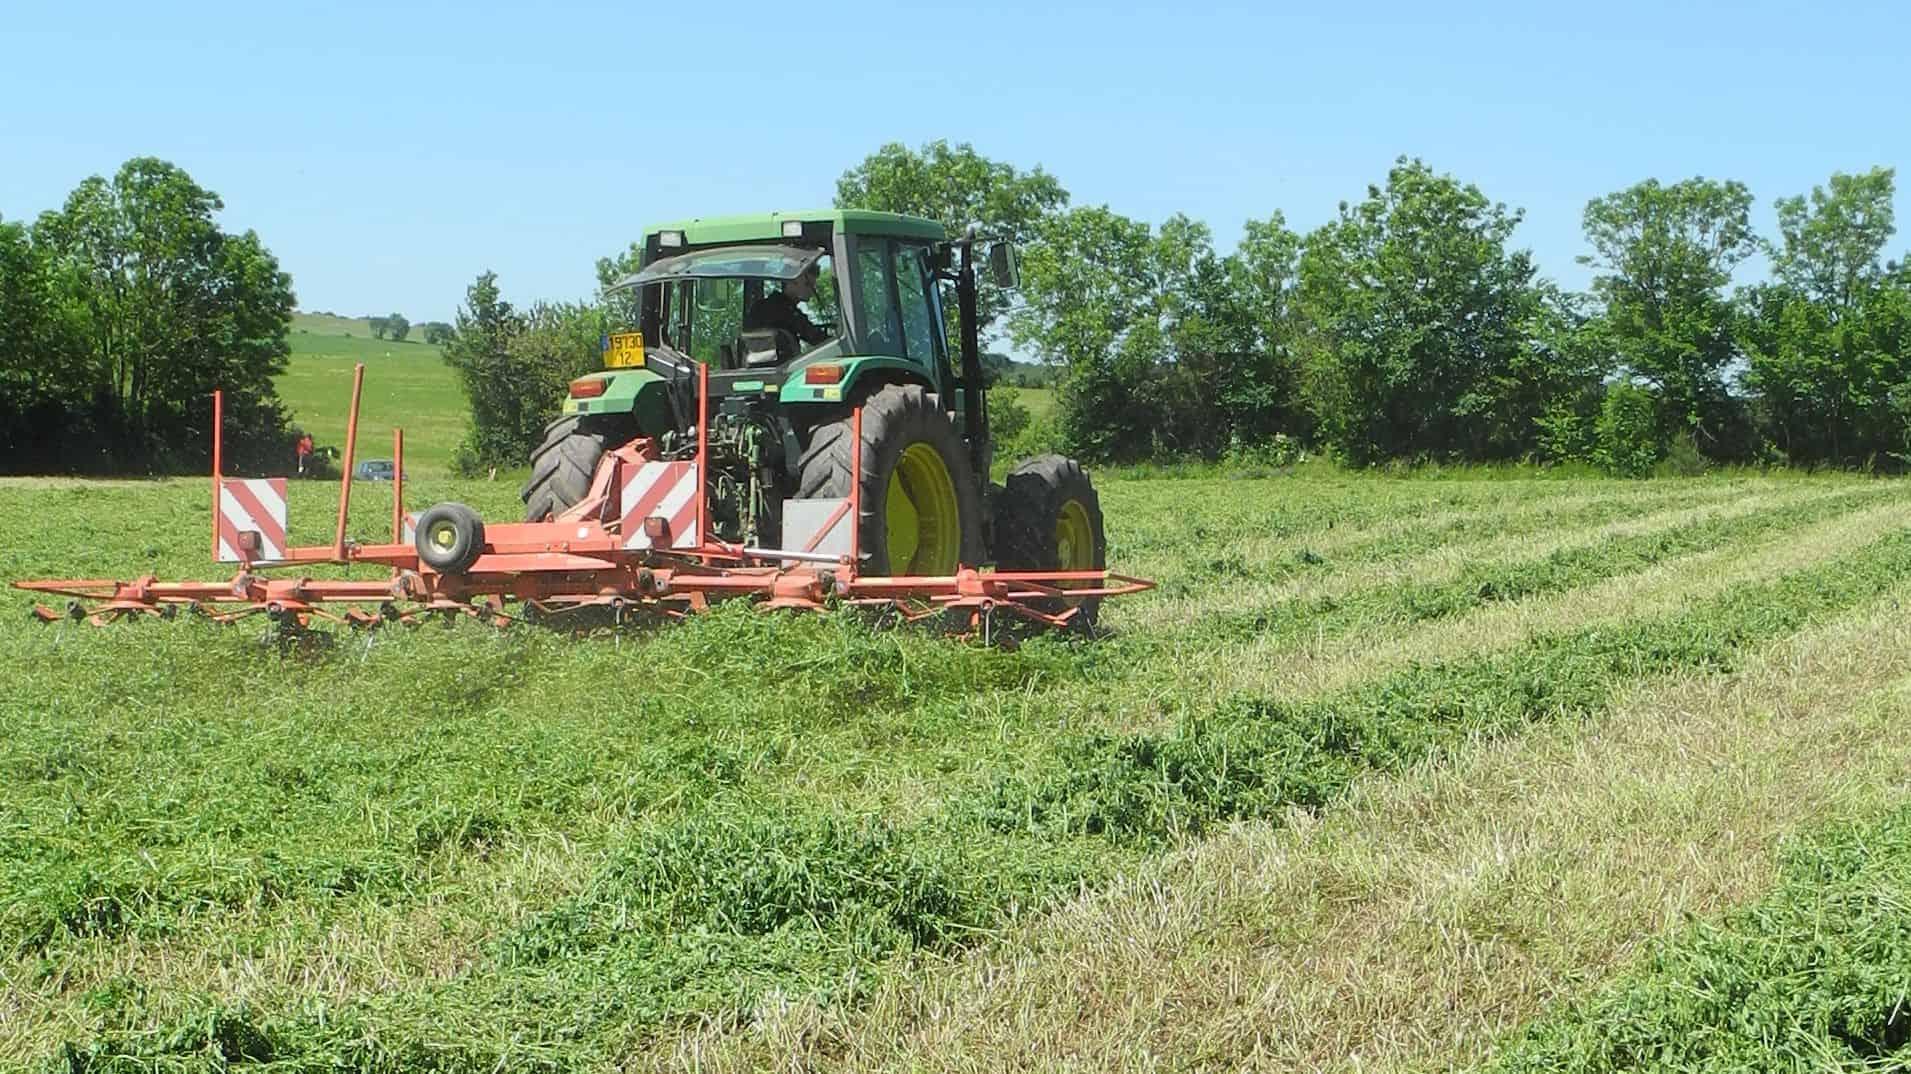 Autonomie fourragère, Arvalis, Chambre d'agriculture Corrèze, Cuma, fenaison, fourrage, prairie associées, récolte, Programme Herbe et Fourrages, MécaFourrages